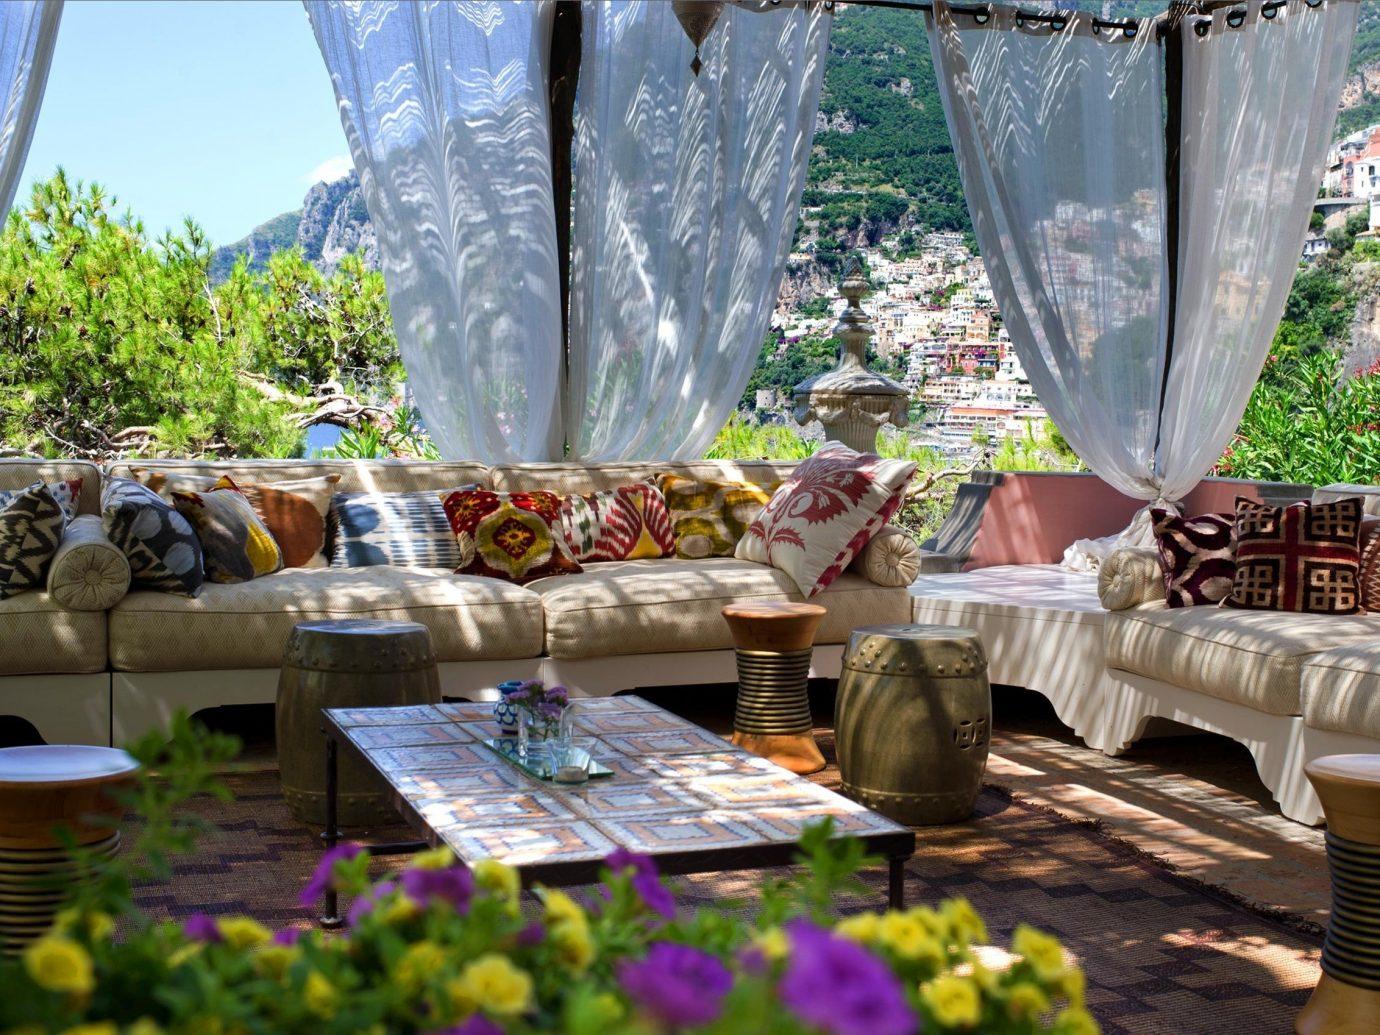 Cabana at Villa Tre Ville, Positano